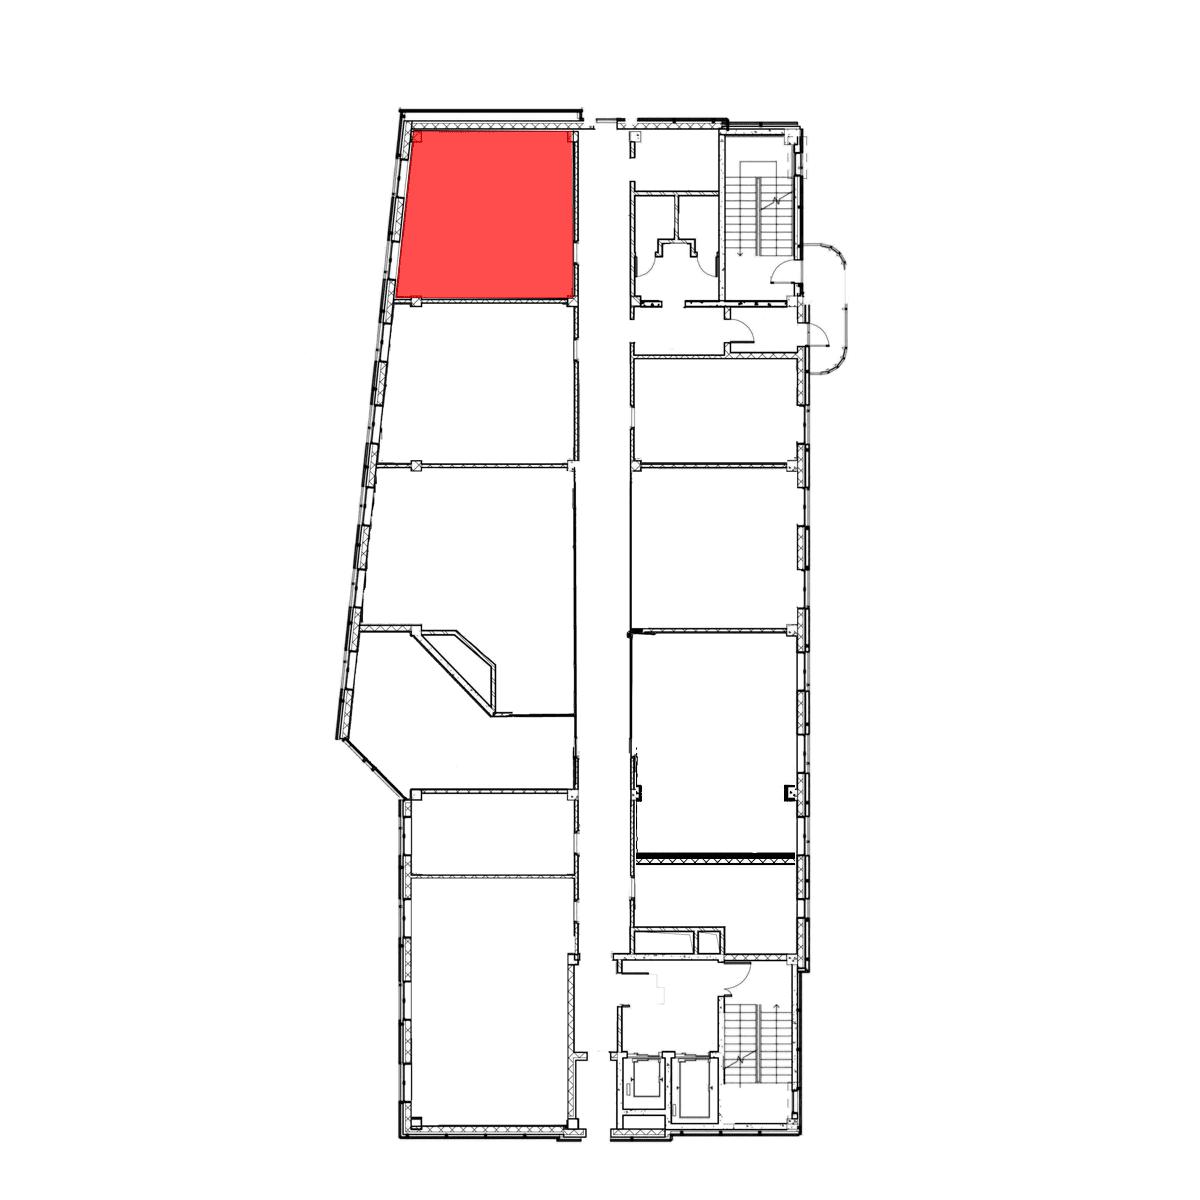 аренда помещения 6 этаж 50 м2